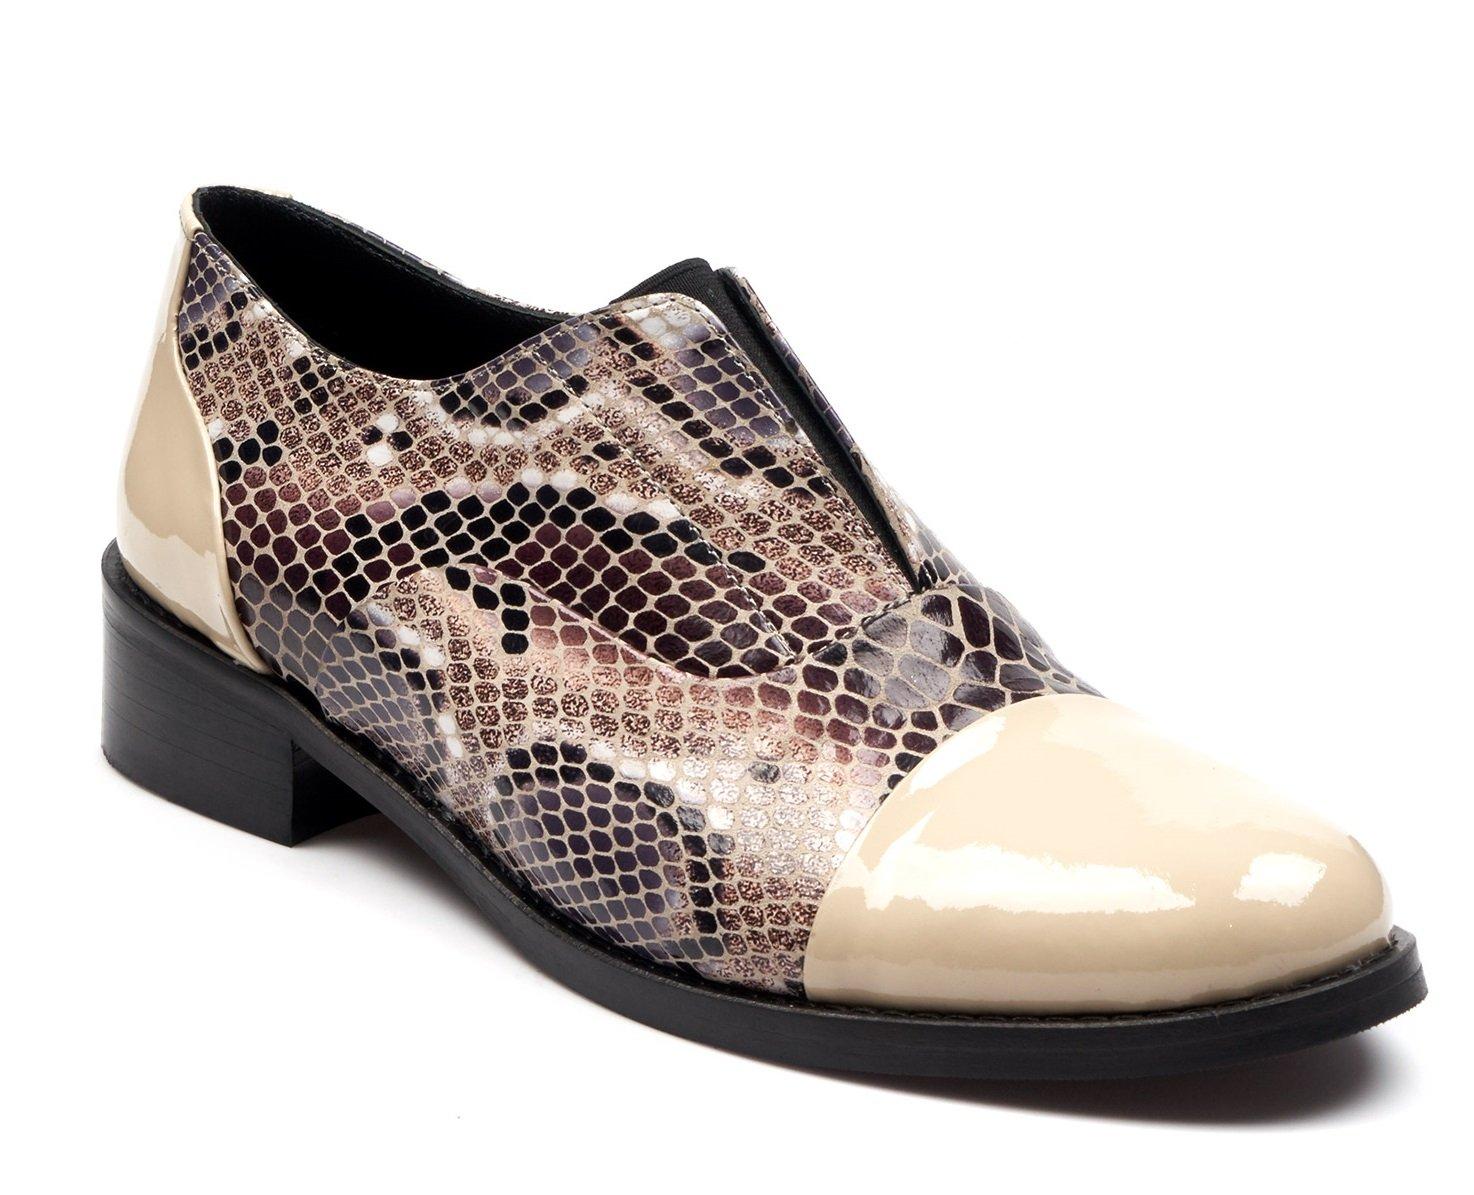 BOBERCK Colección Miranda Zapato de Cuero Estilo Oxford para Mujer 8 US|Beige